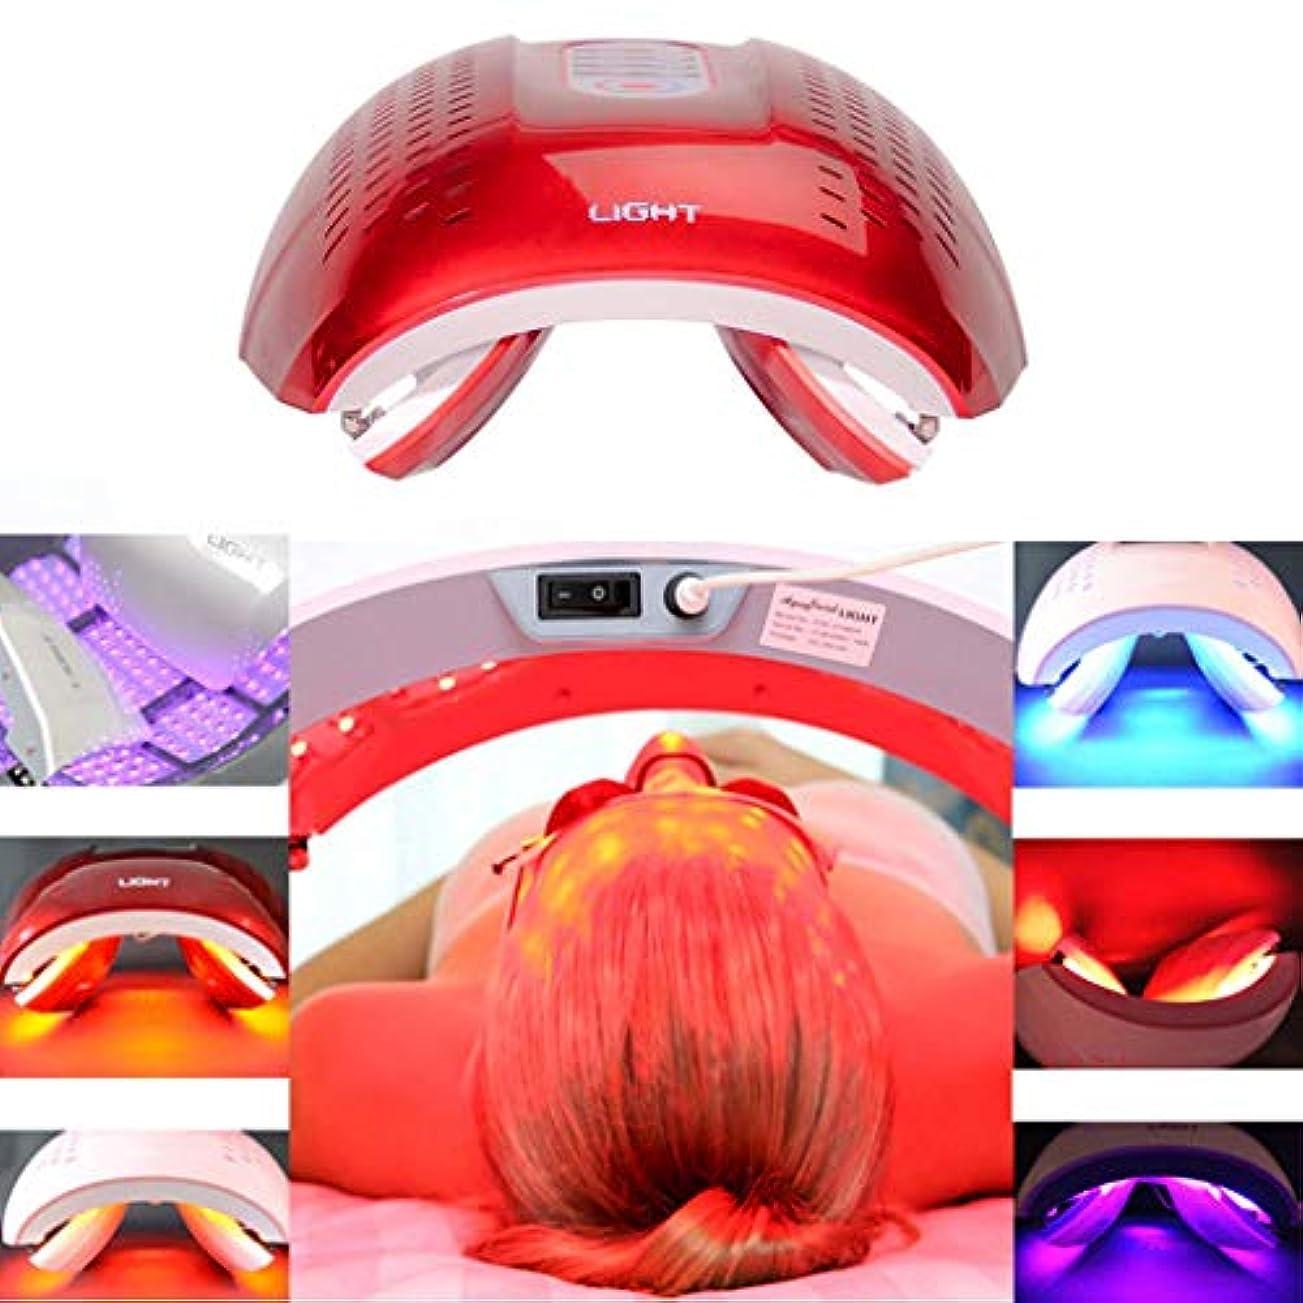 神経習熟度適合するLED光子の顔の若返りの美の器械、4色PDTの分光計、肌の引き締め美白の強化,Red